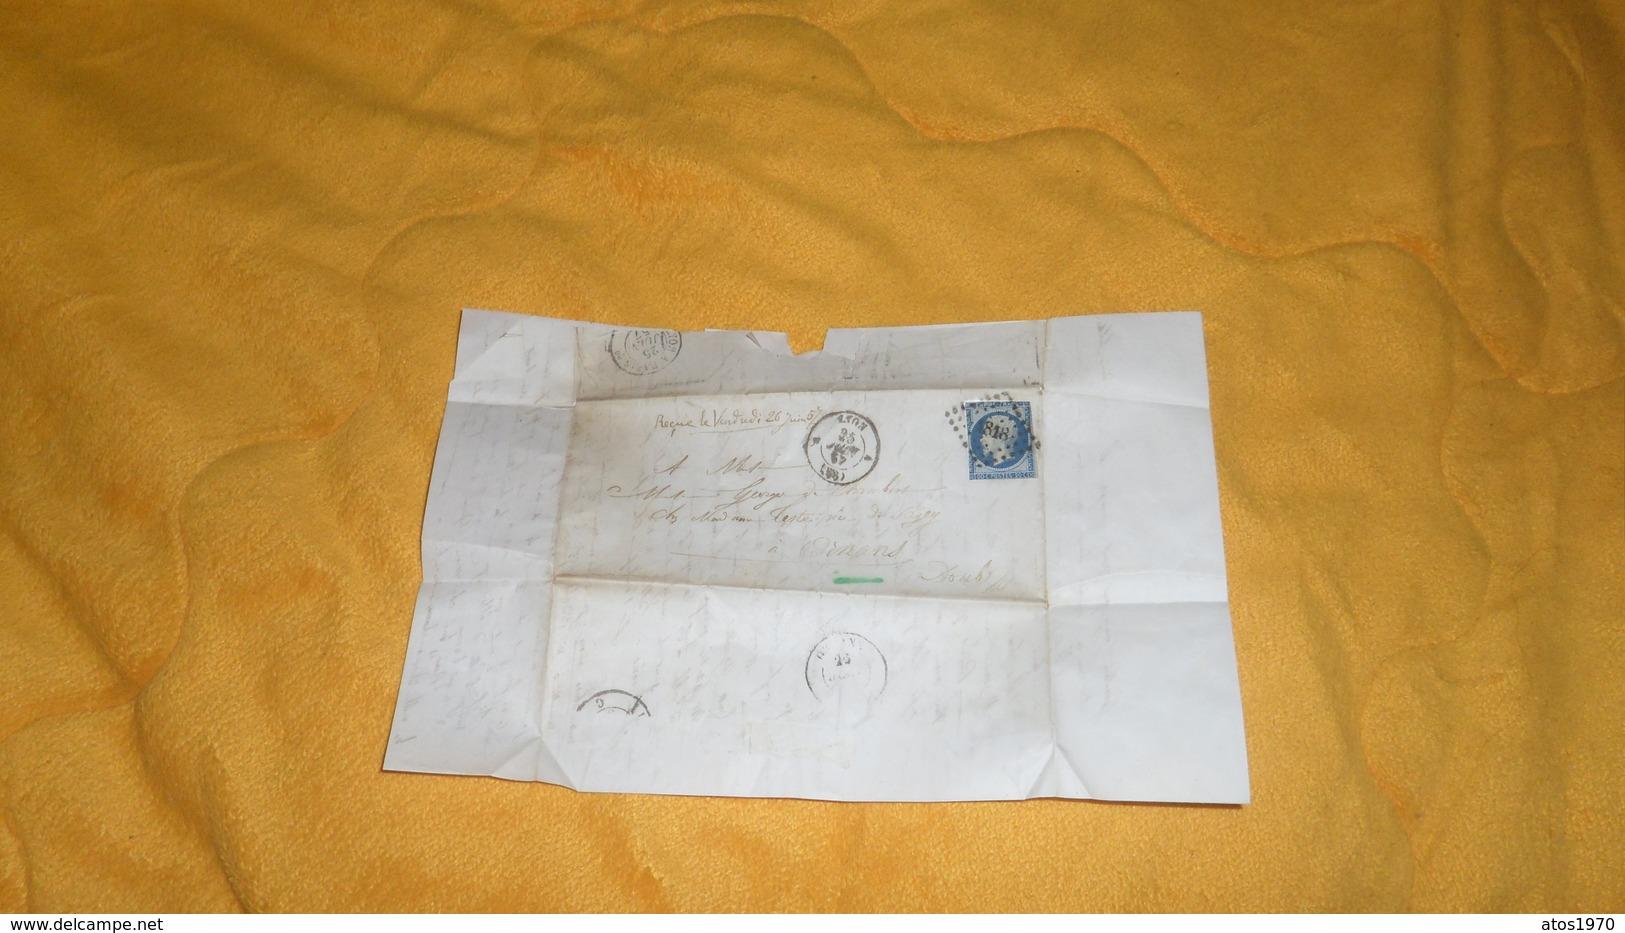 LETTRE ANCIENNE DE 1857. / VILLE DE LYON ECOLE LA MARTINIERE. / LYON A ORNANS . / CACHETS + PC 1818 + TIMBRE - 1849-1876: Période Classique